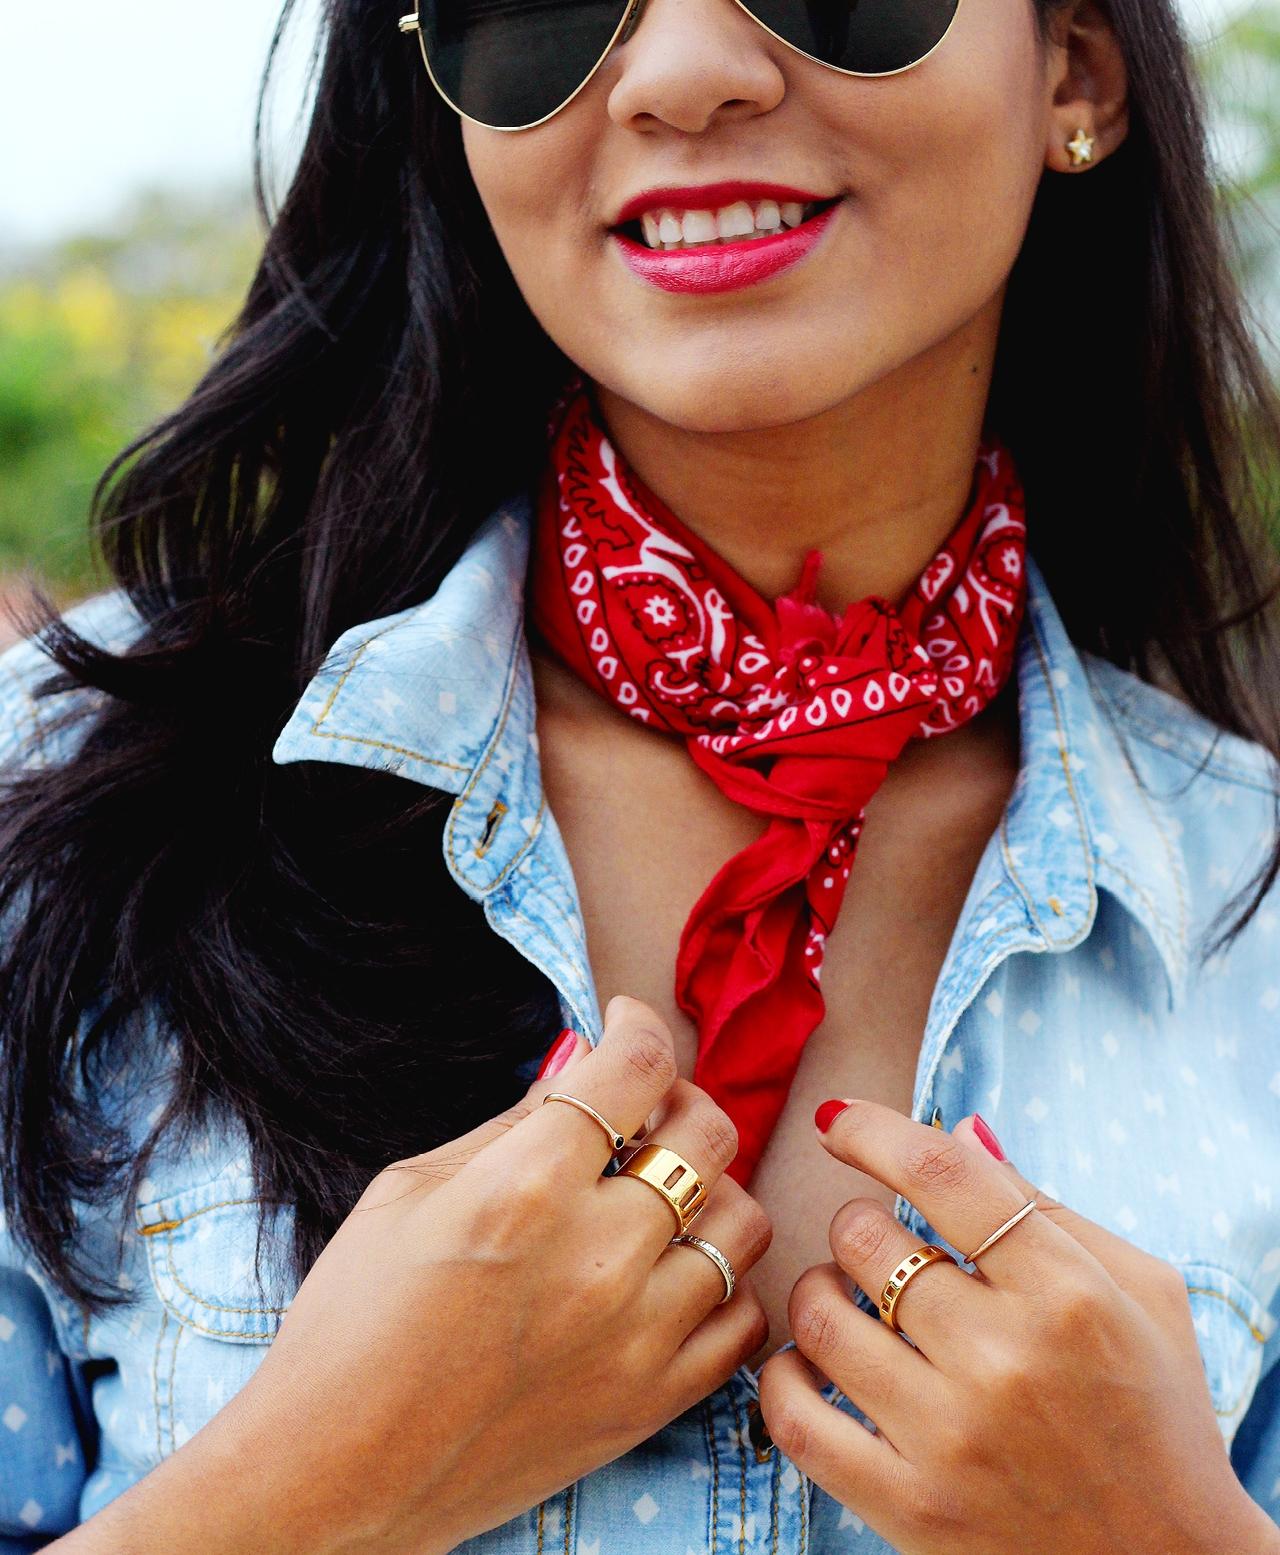 DENIM SOBRE DENIM CON UNA BANDANA // Aprende a lograr el atuendo perfecto de denim sobre denim; ¡Complementa con una bandana super cool alrededor de tu cuello para conseguir el look!